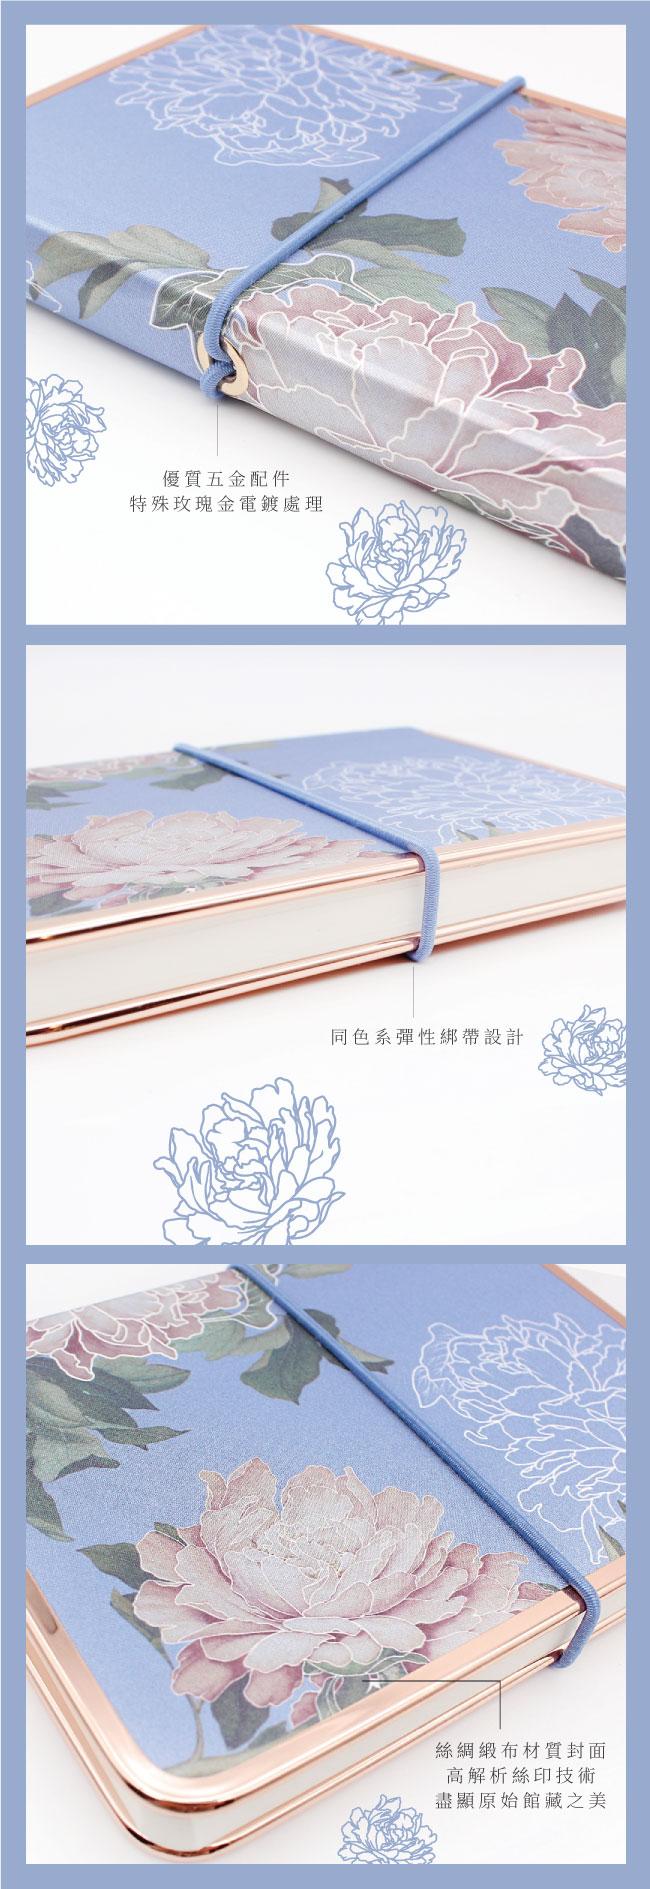 【集購】ARTEX|平安富貴鋼珠筆禮盒